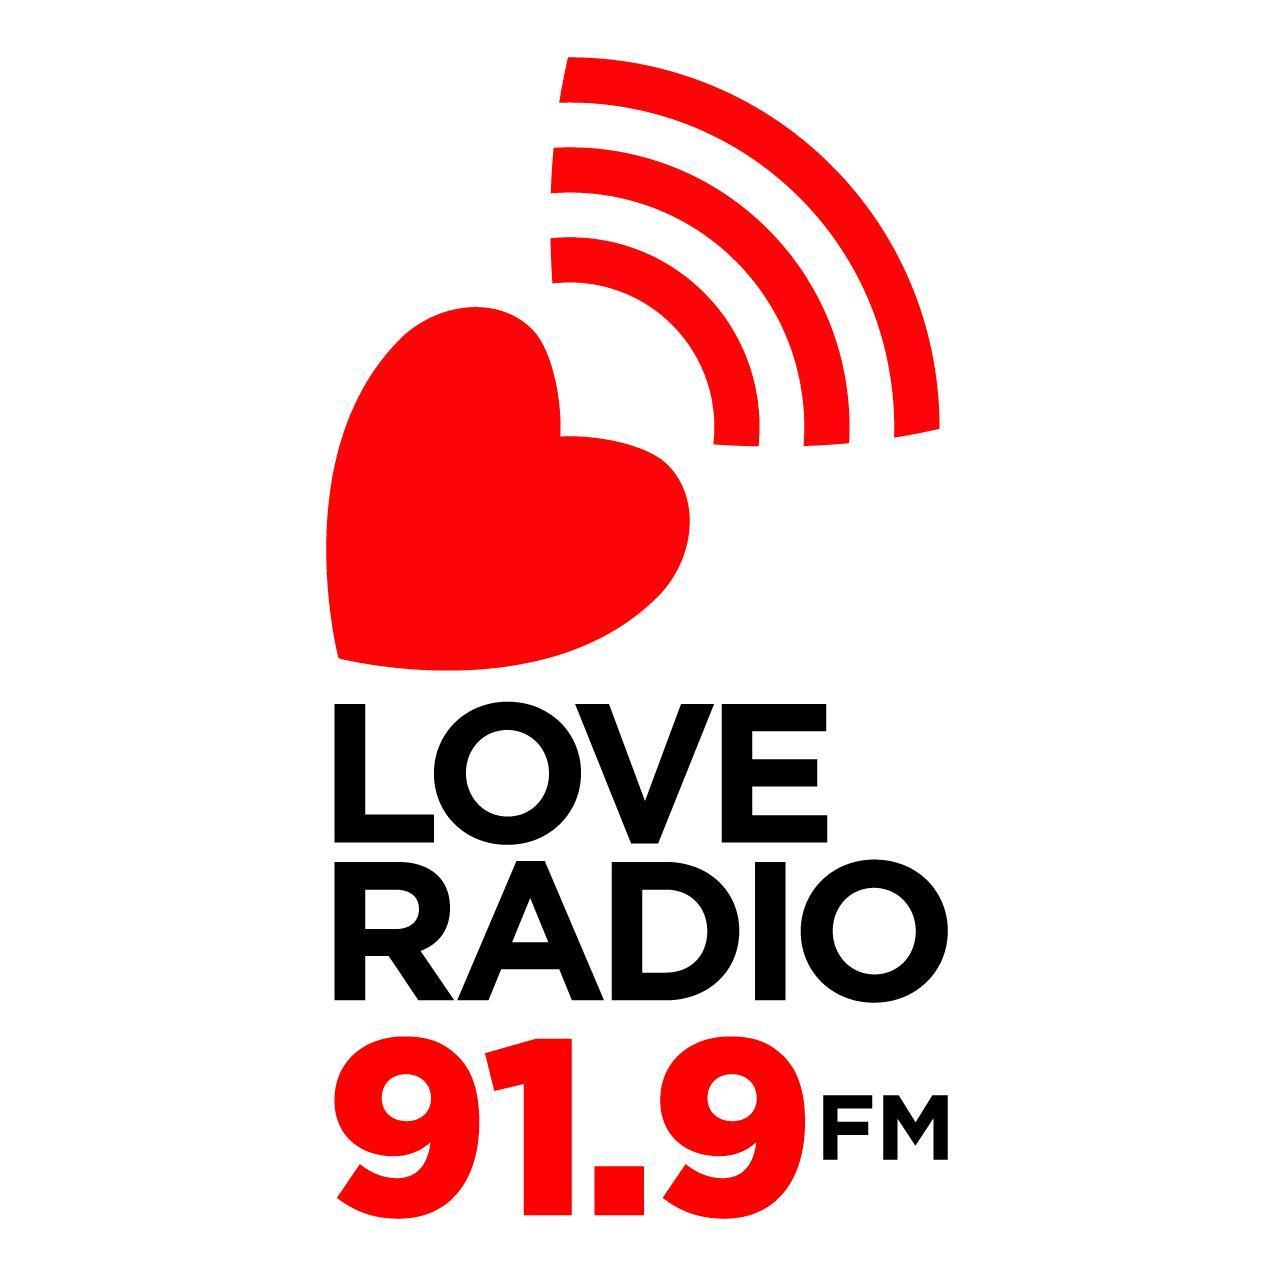 Citaten Love Radio : Love radio loveradio twitter